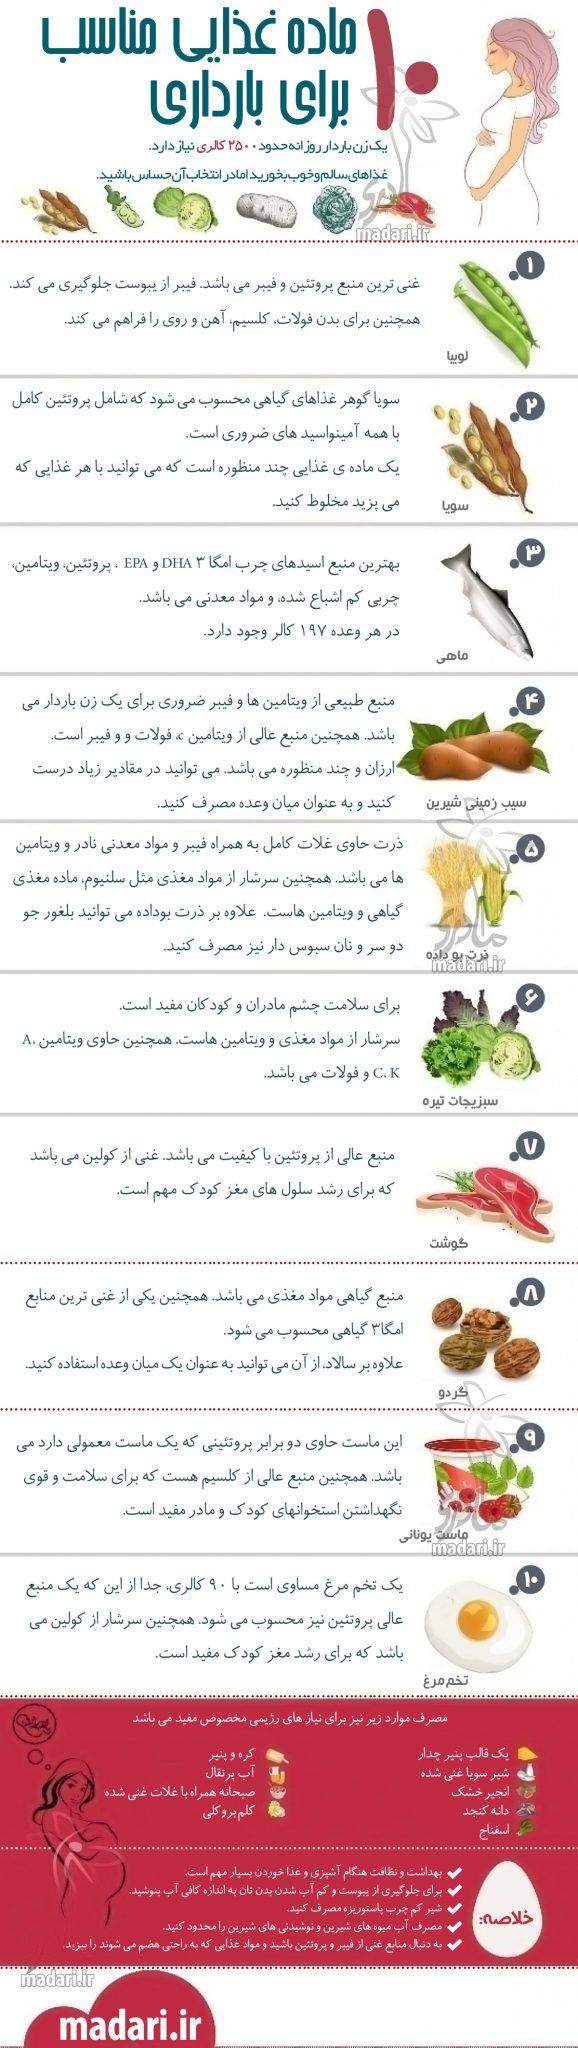 ۱۰ ماده غذایی مناسب برای دوران بارداری + اینفوگرافیک